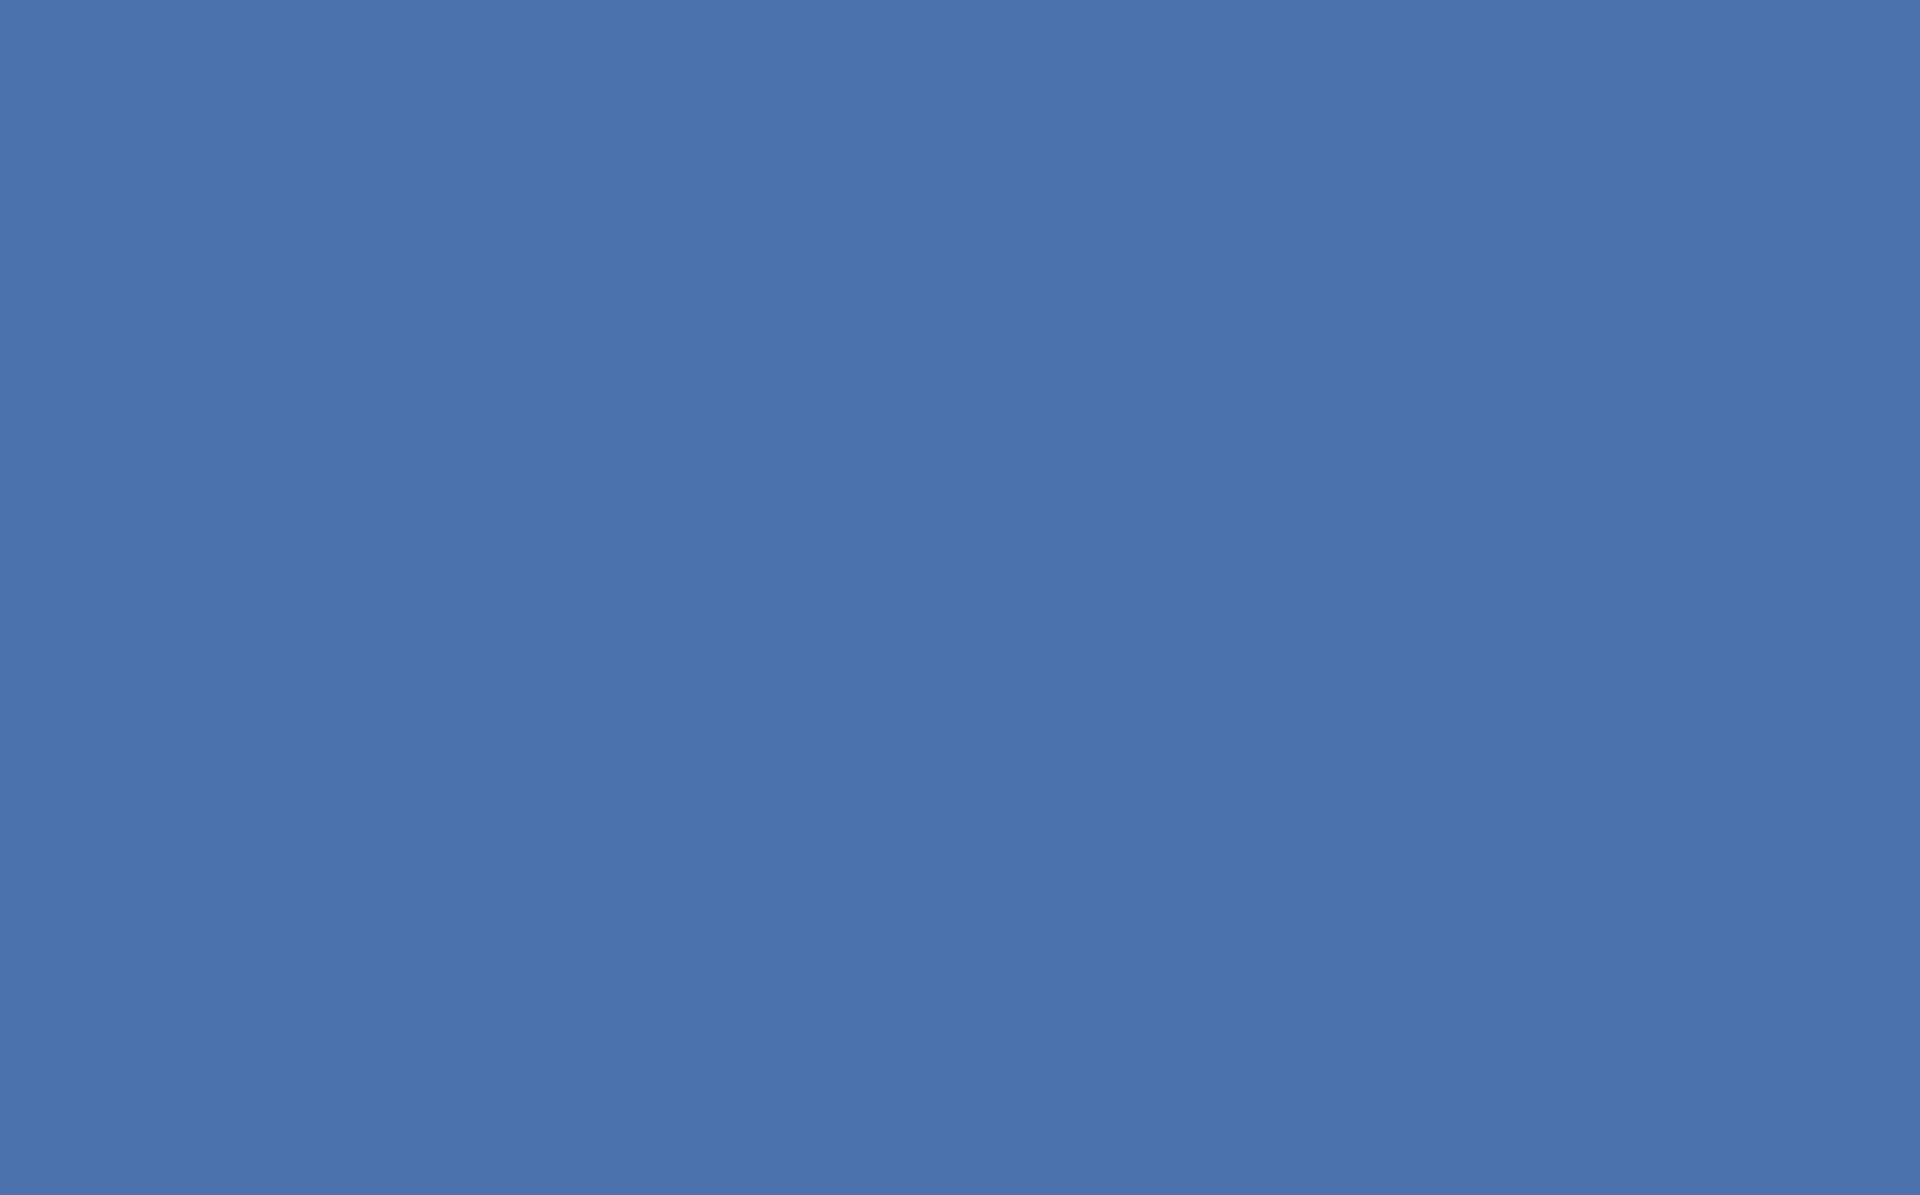 overlay blau